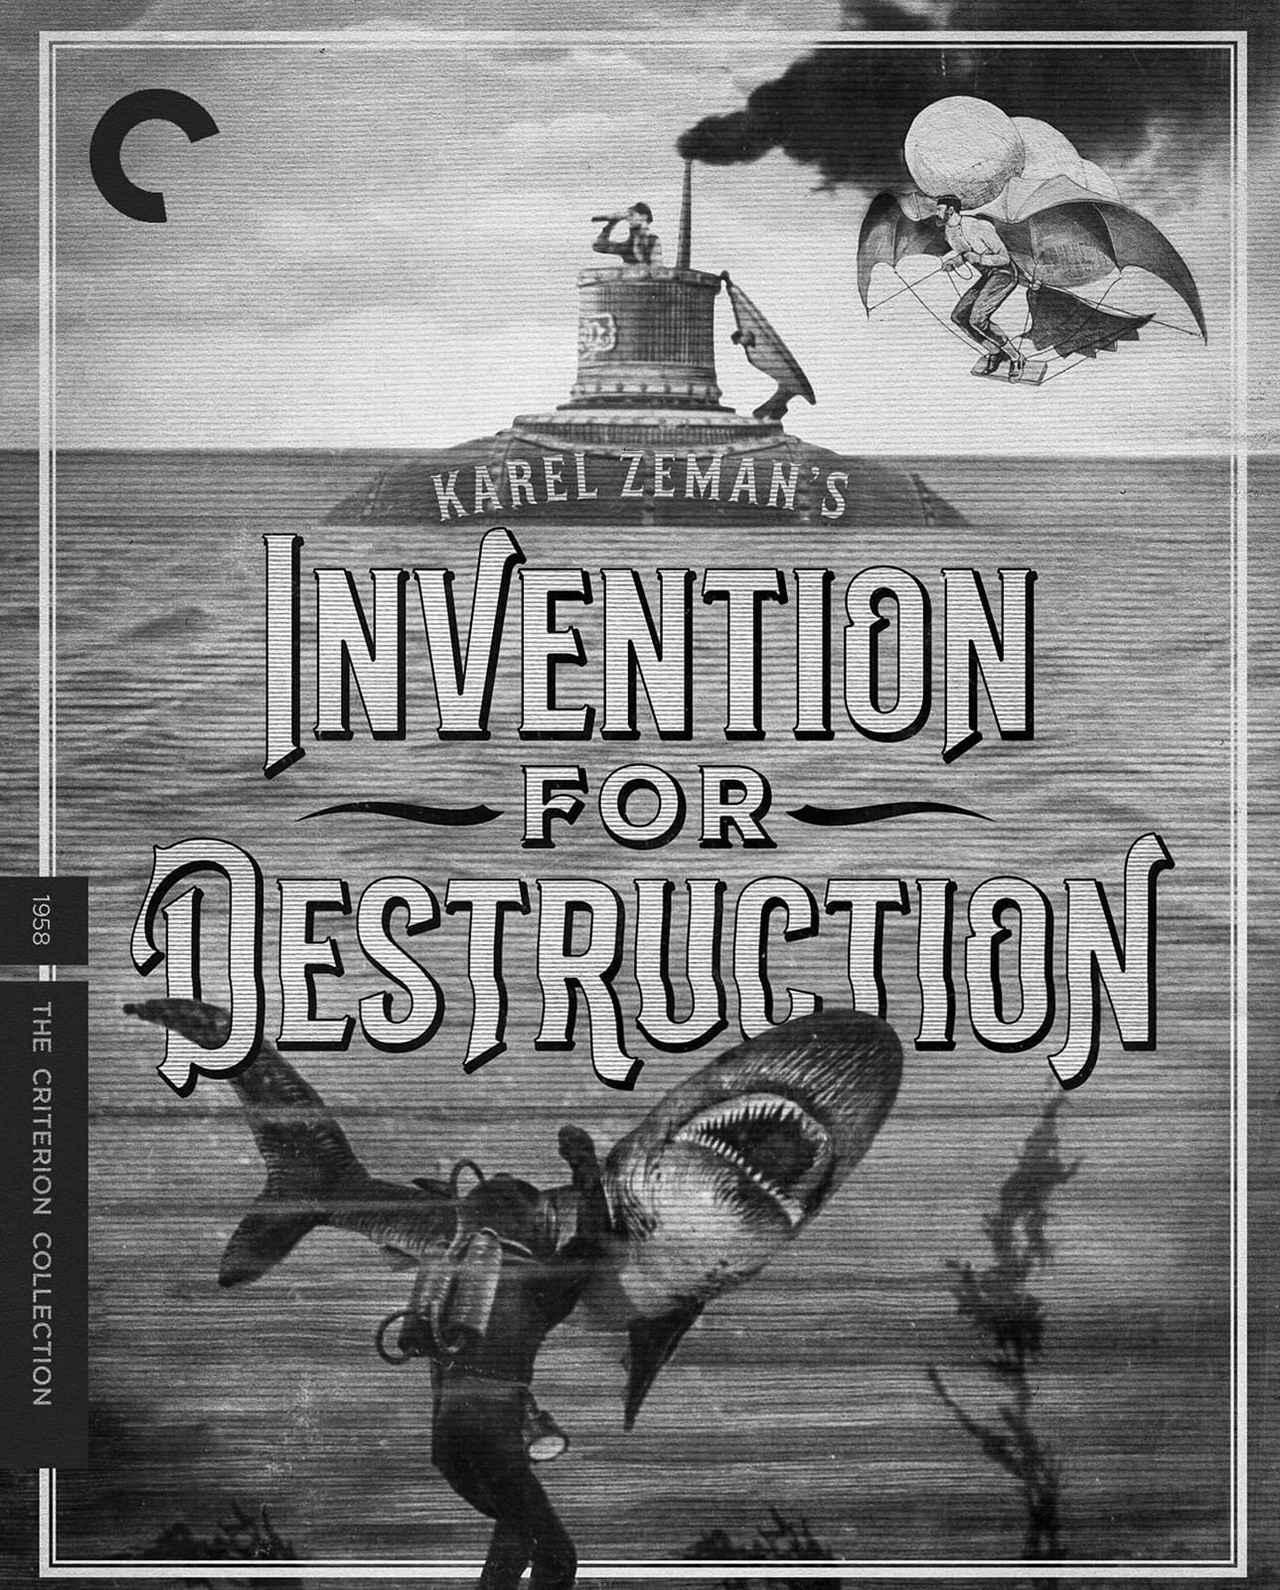 画像: 悪魔の発明/INVENTION FOR DESTRUCTION 天才科学者と助手を拉致した大富豪の海賊が、世界征服のための究極兵器を作ろうとするが・・・。 ジュール・ヴェルヌの同名原作の映画化。